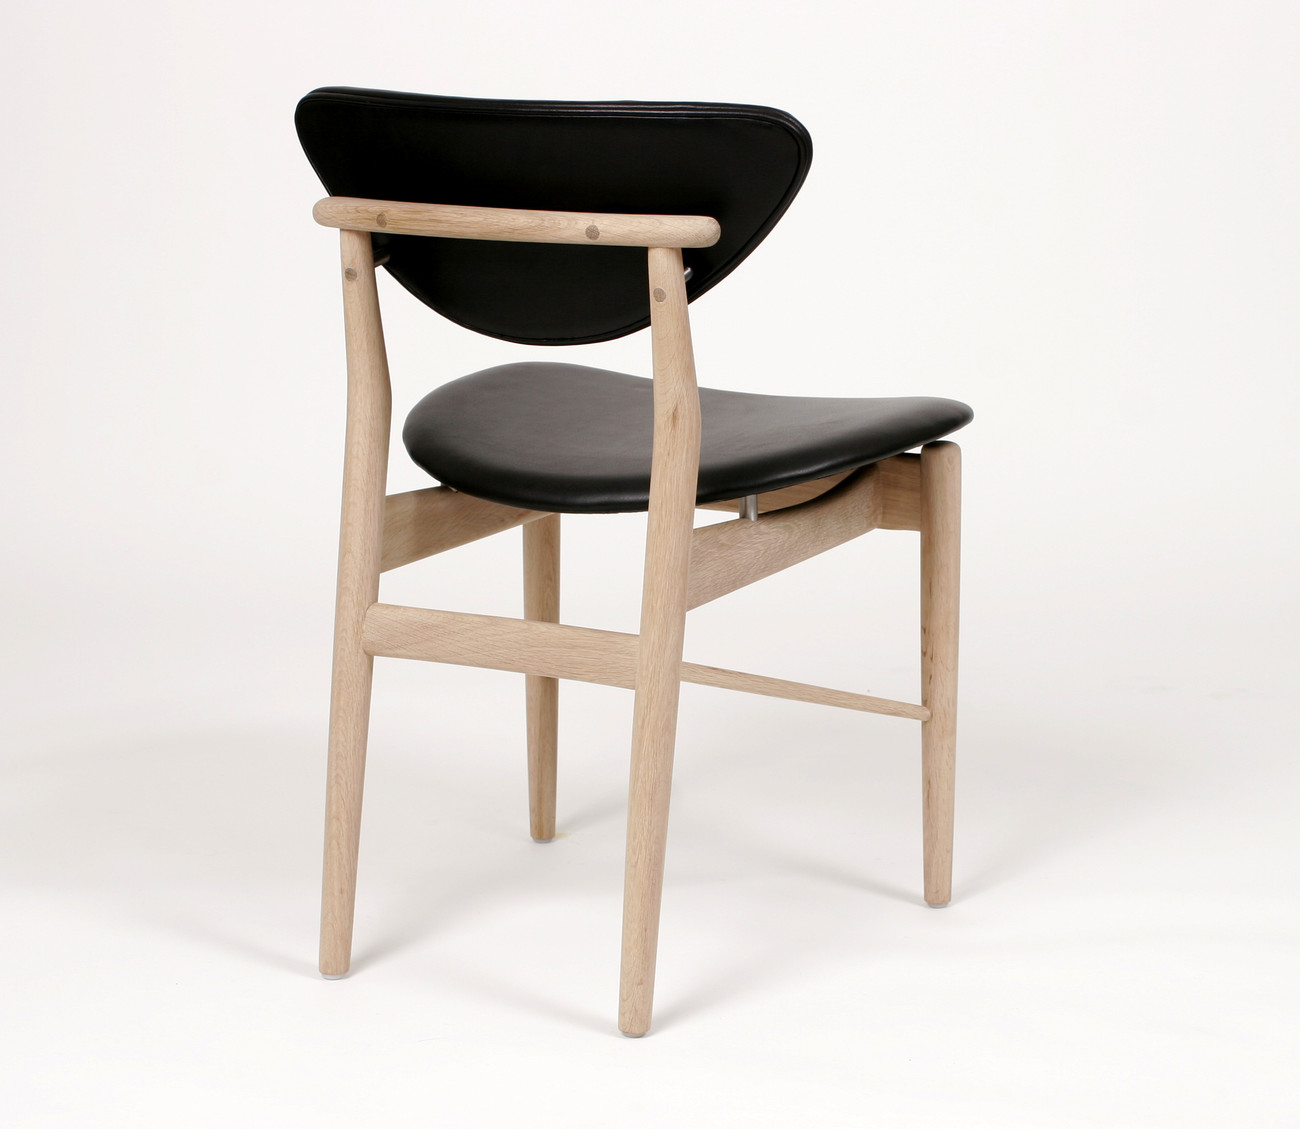 finn juhl stol 108